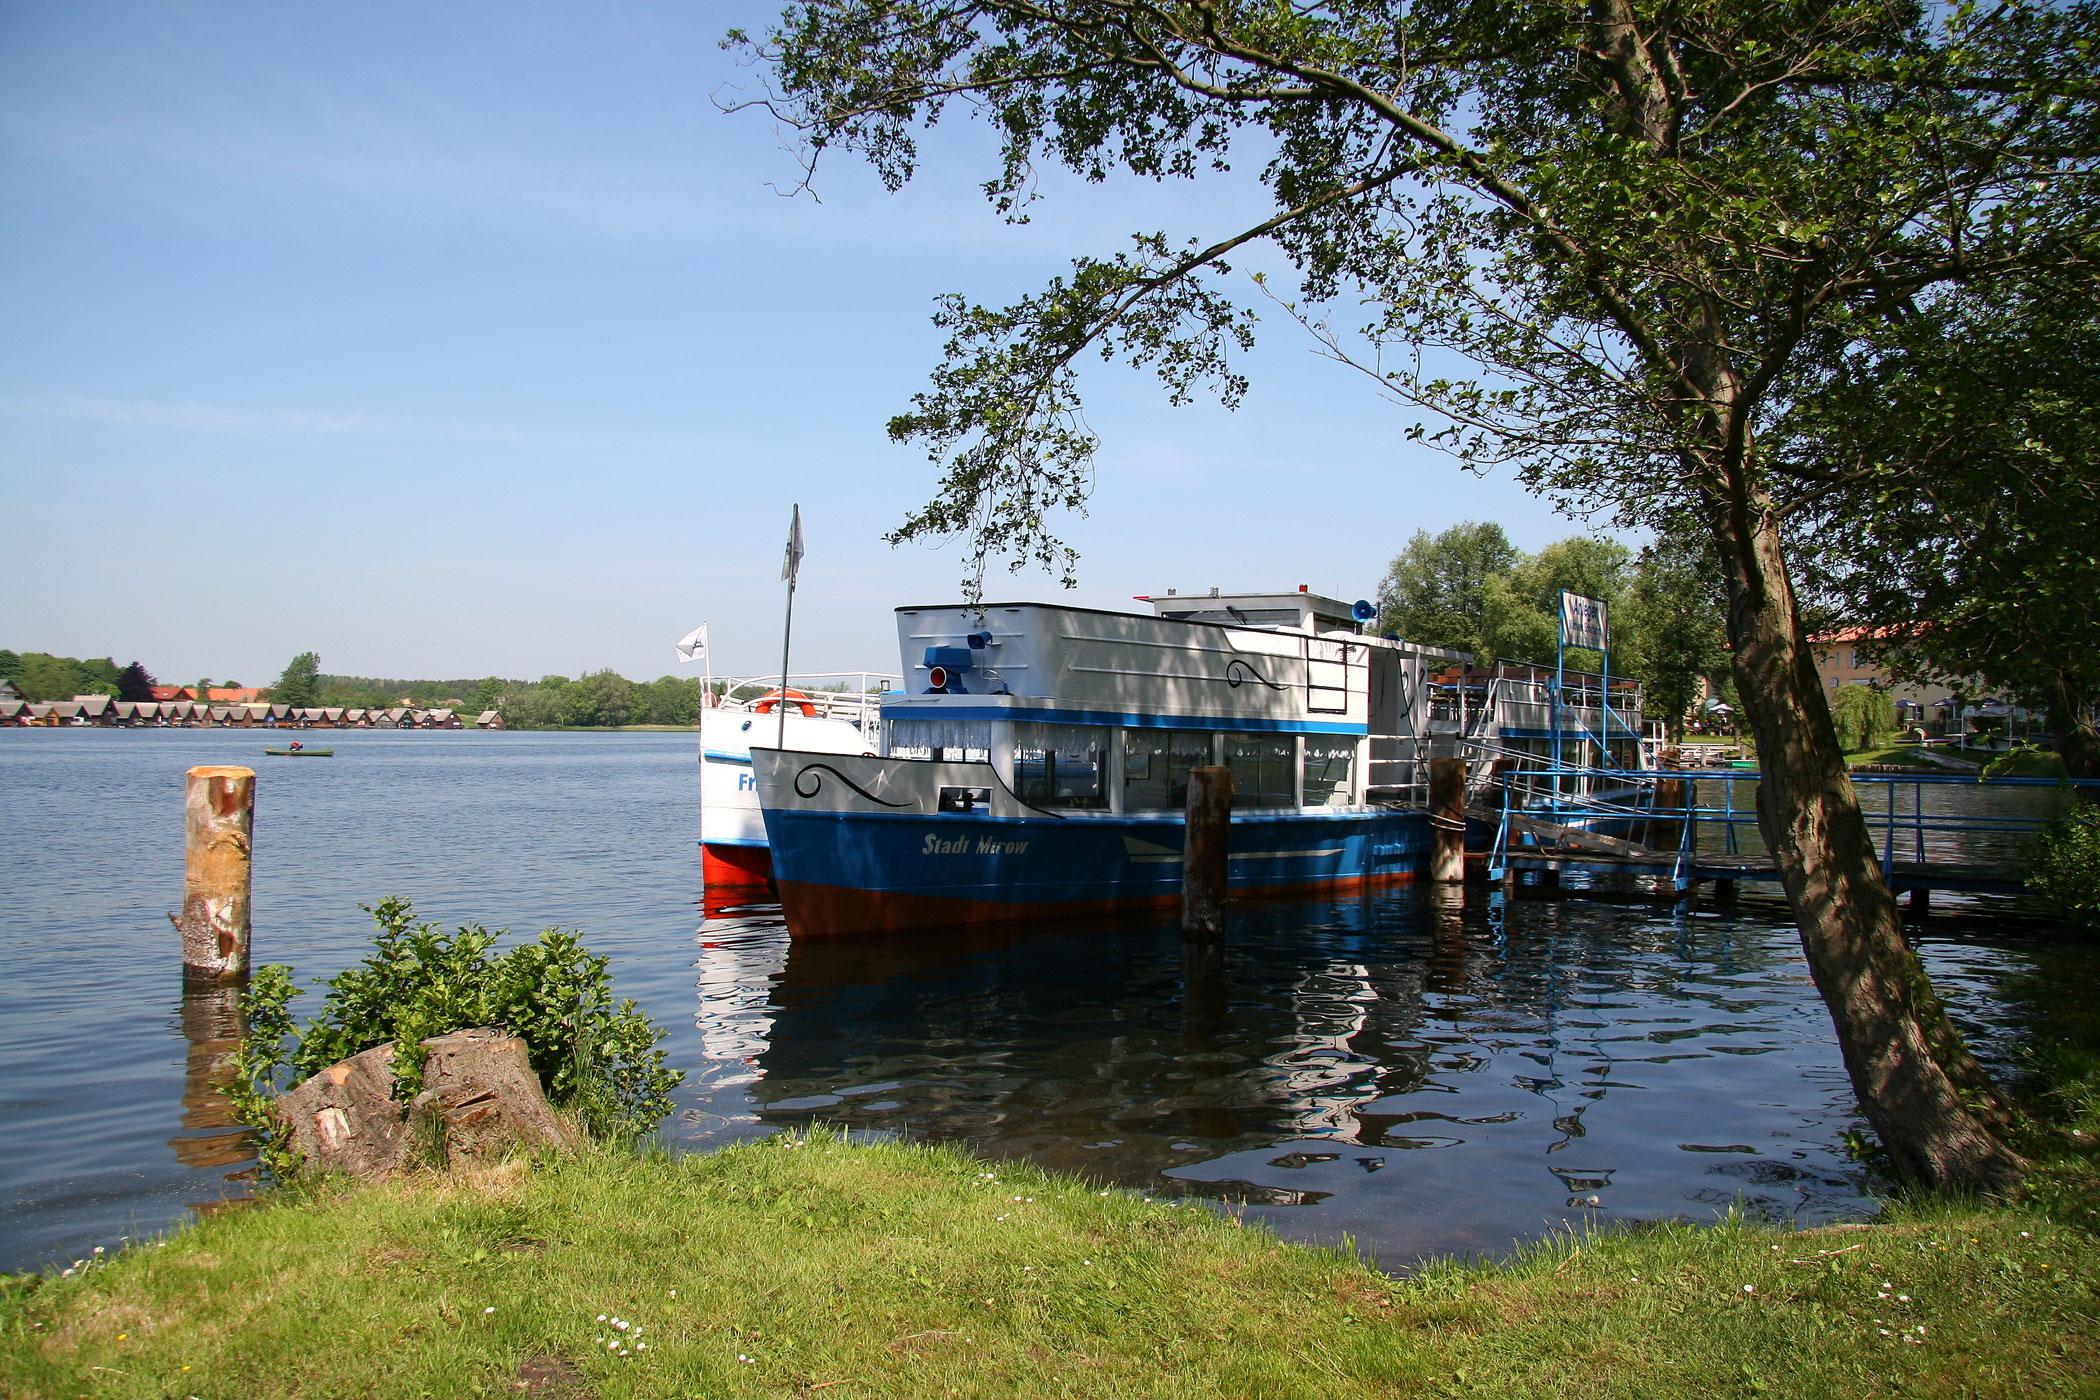 4-Seenfahrt - Leppinsee